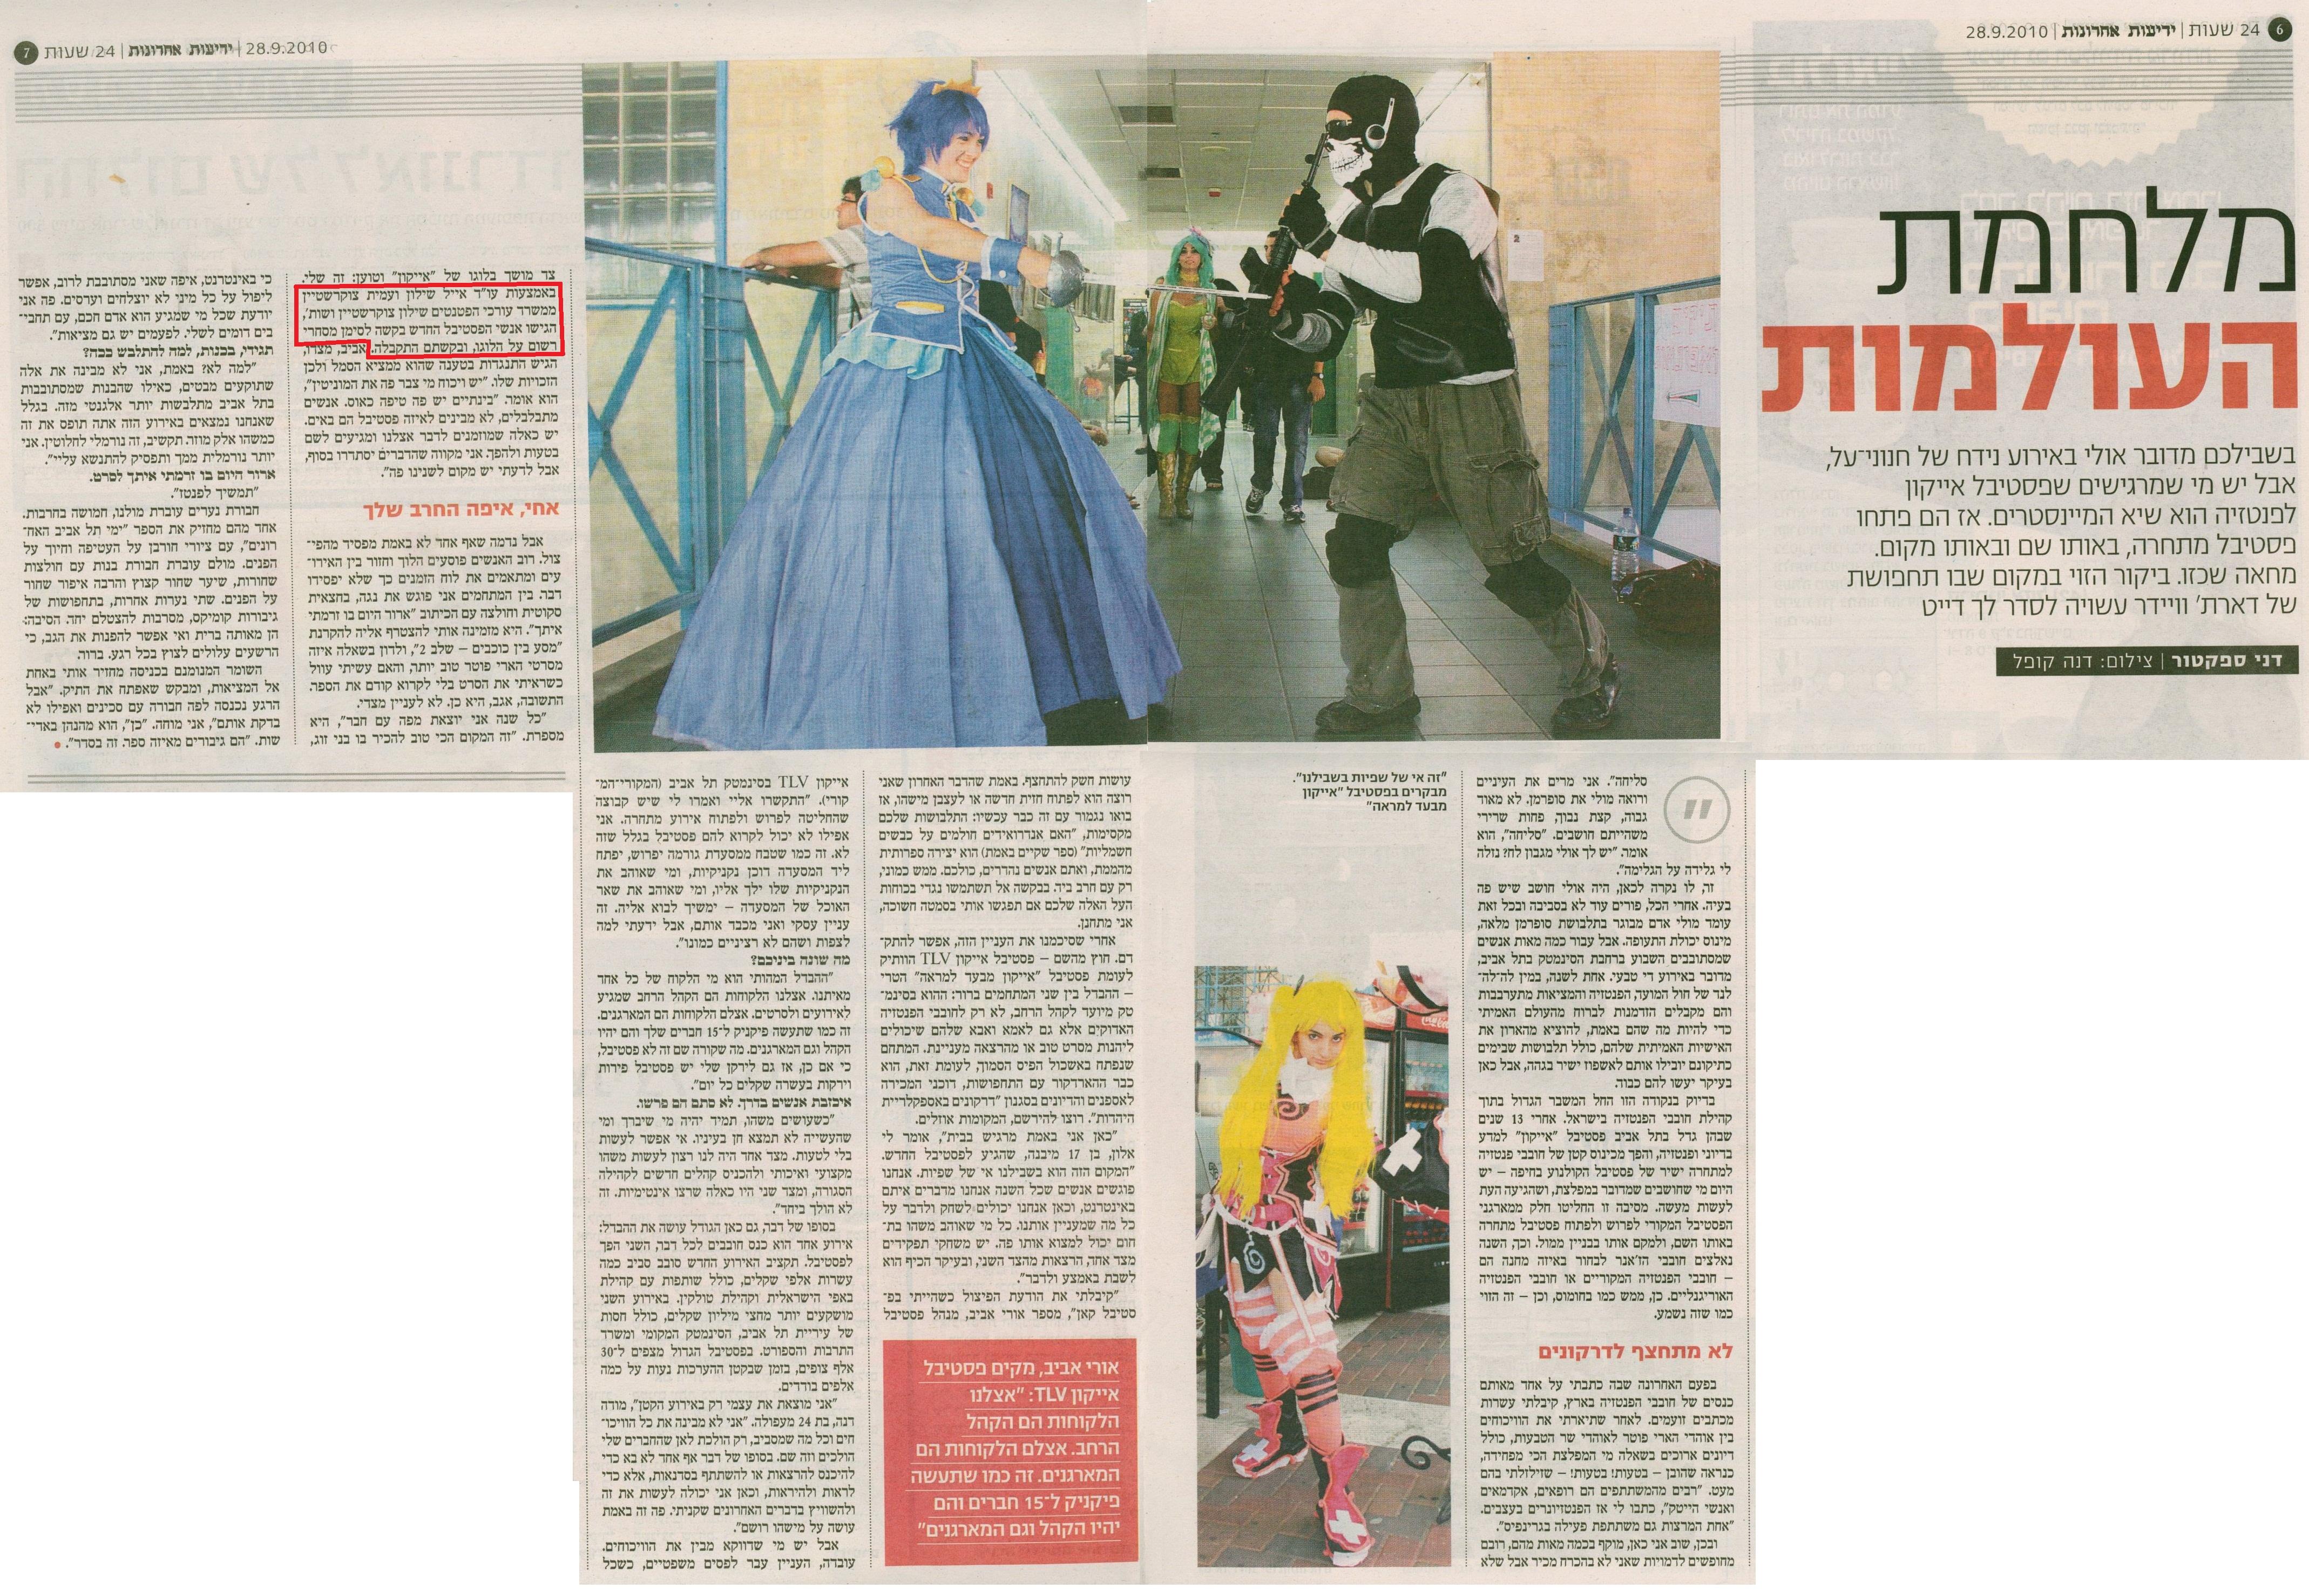 ידיעות אחרונות (עיתון), 28/09/2010, מלחמת העולמות